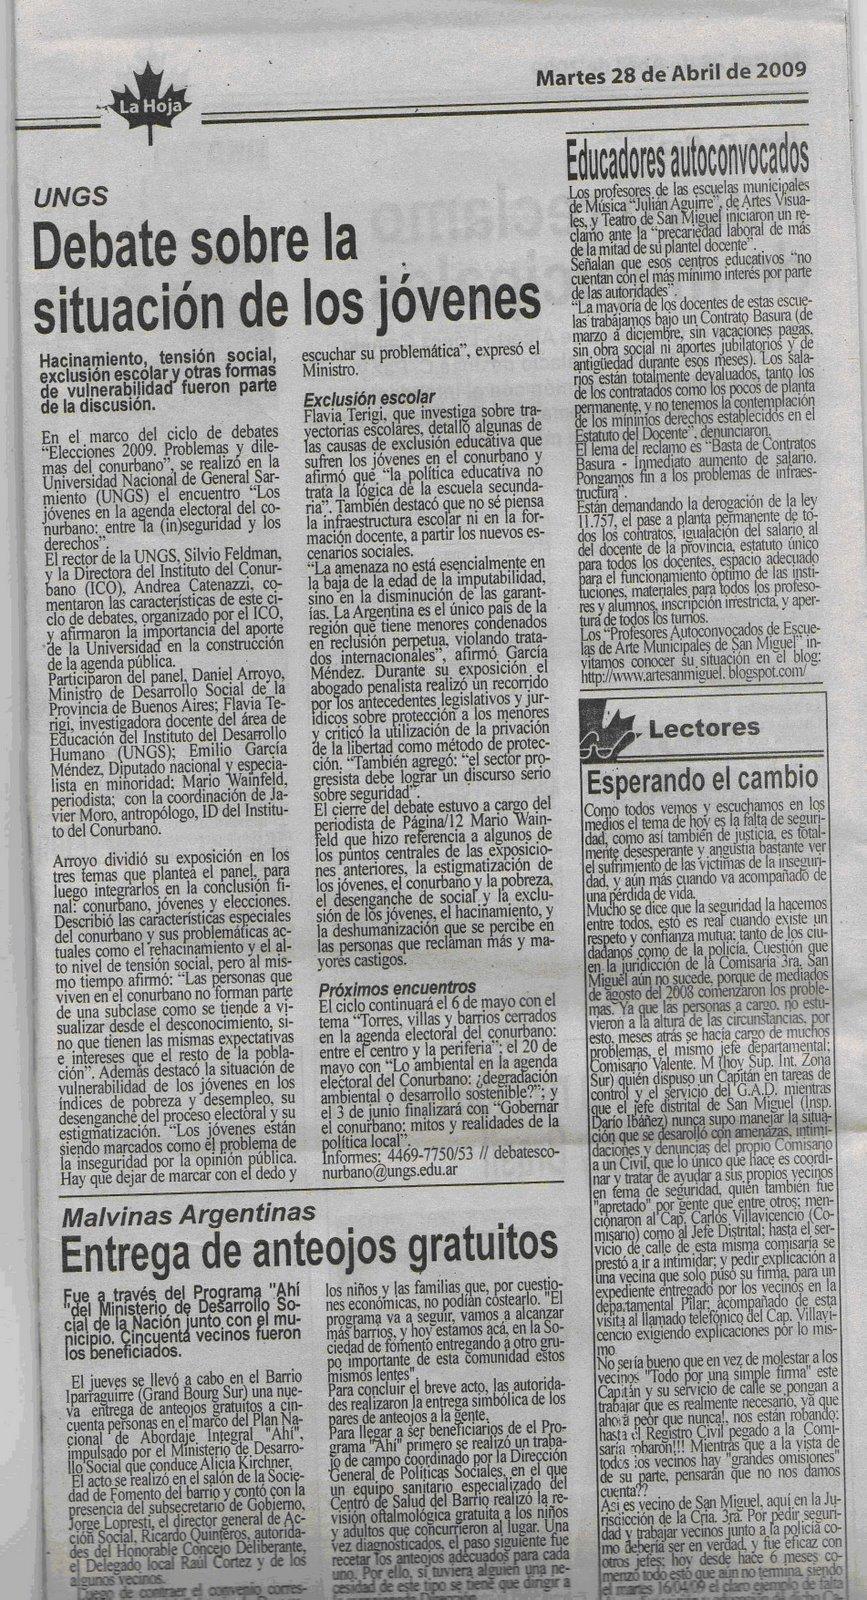 Artículo 28/04, La Hoja